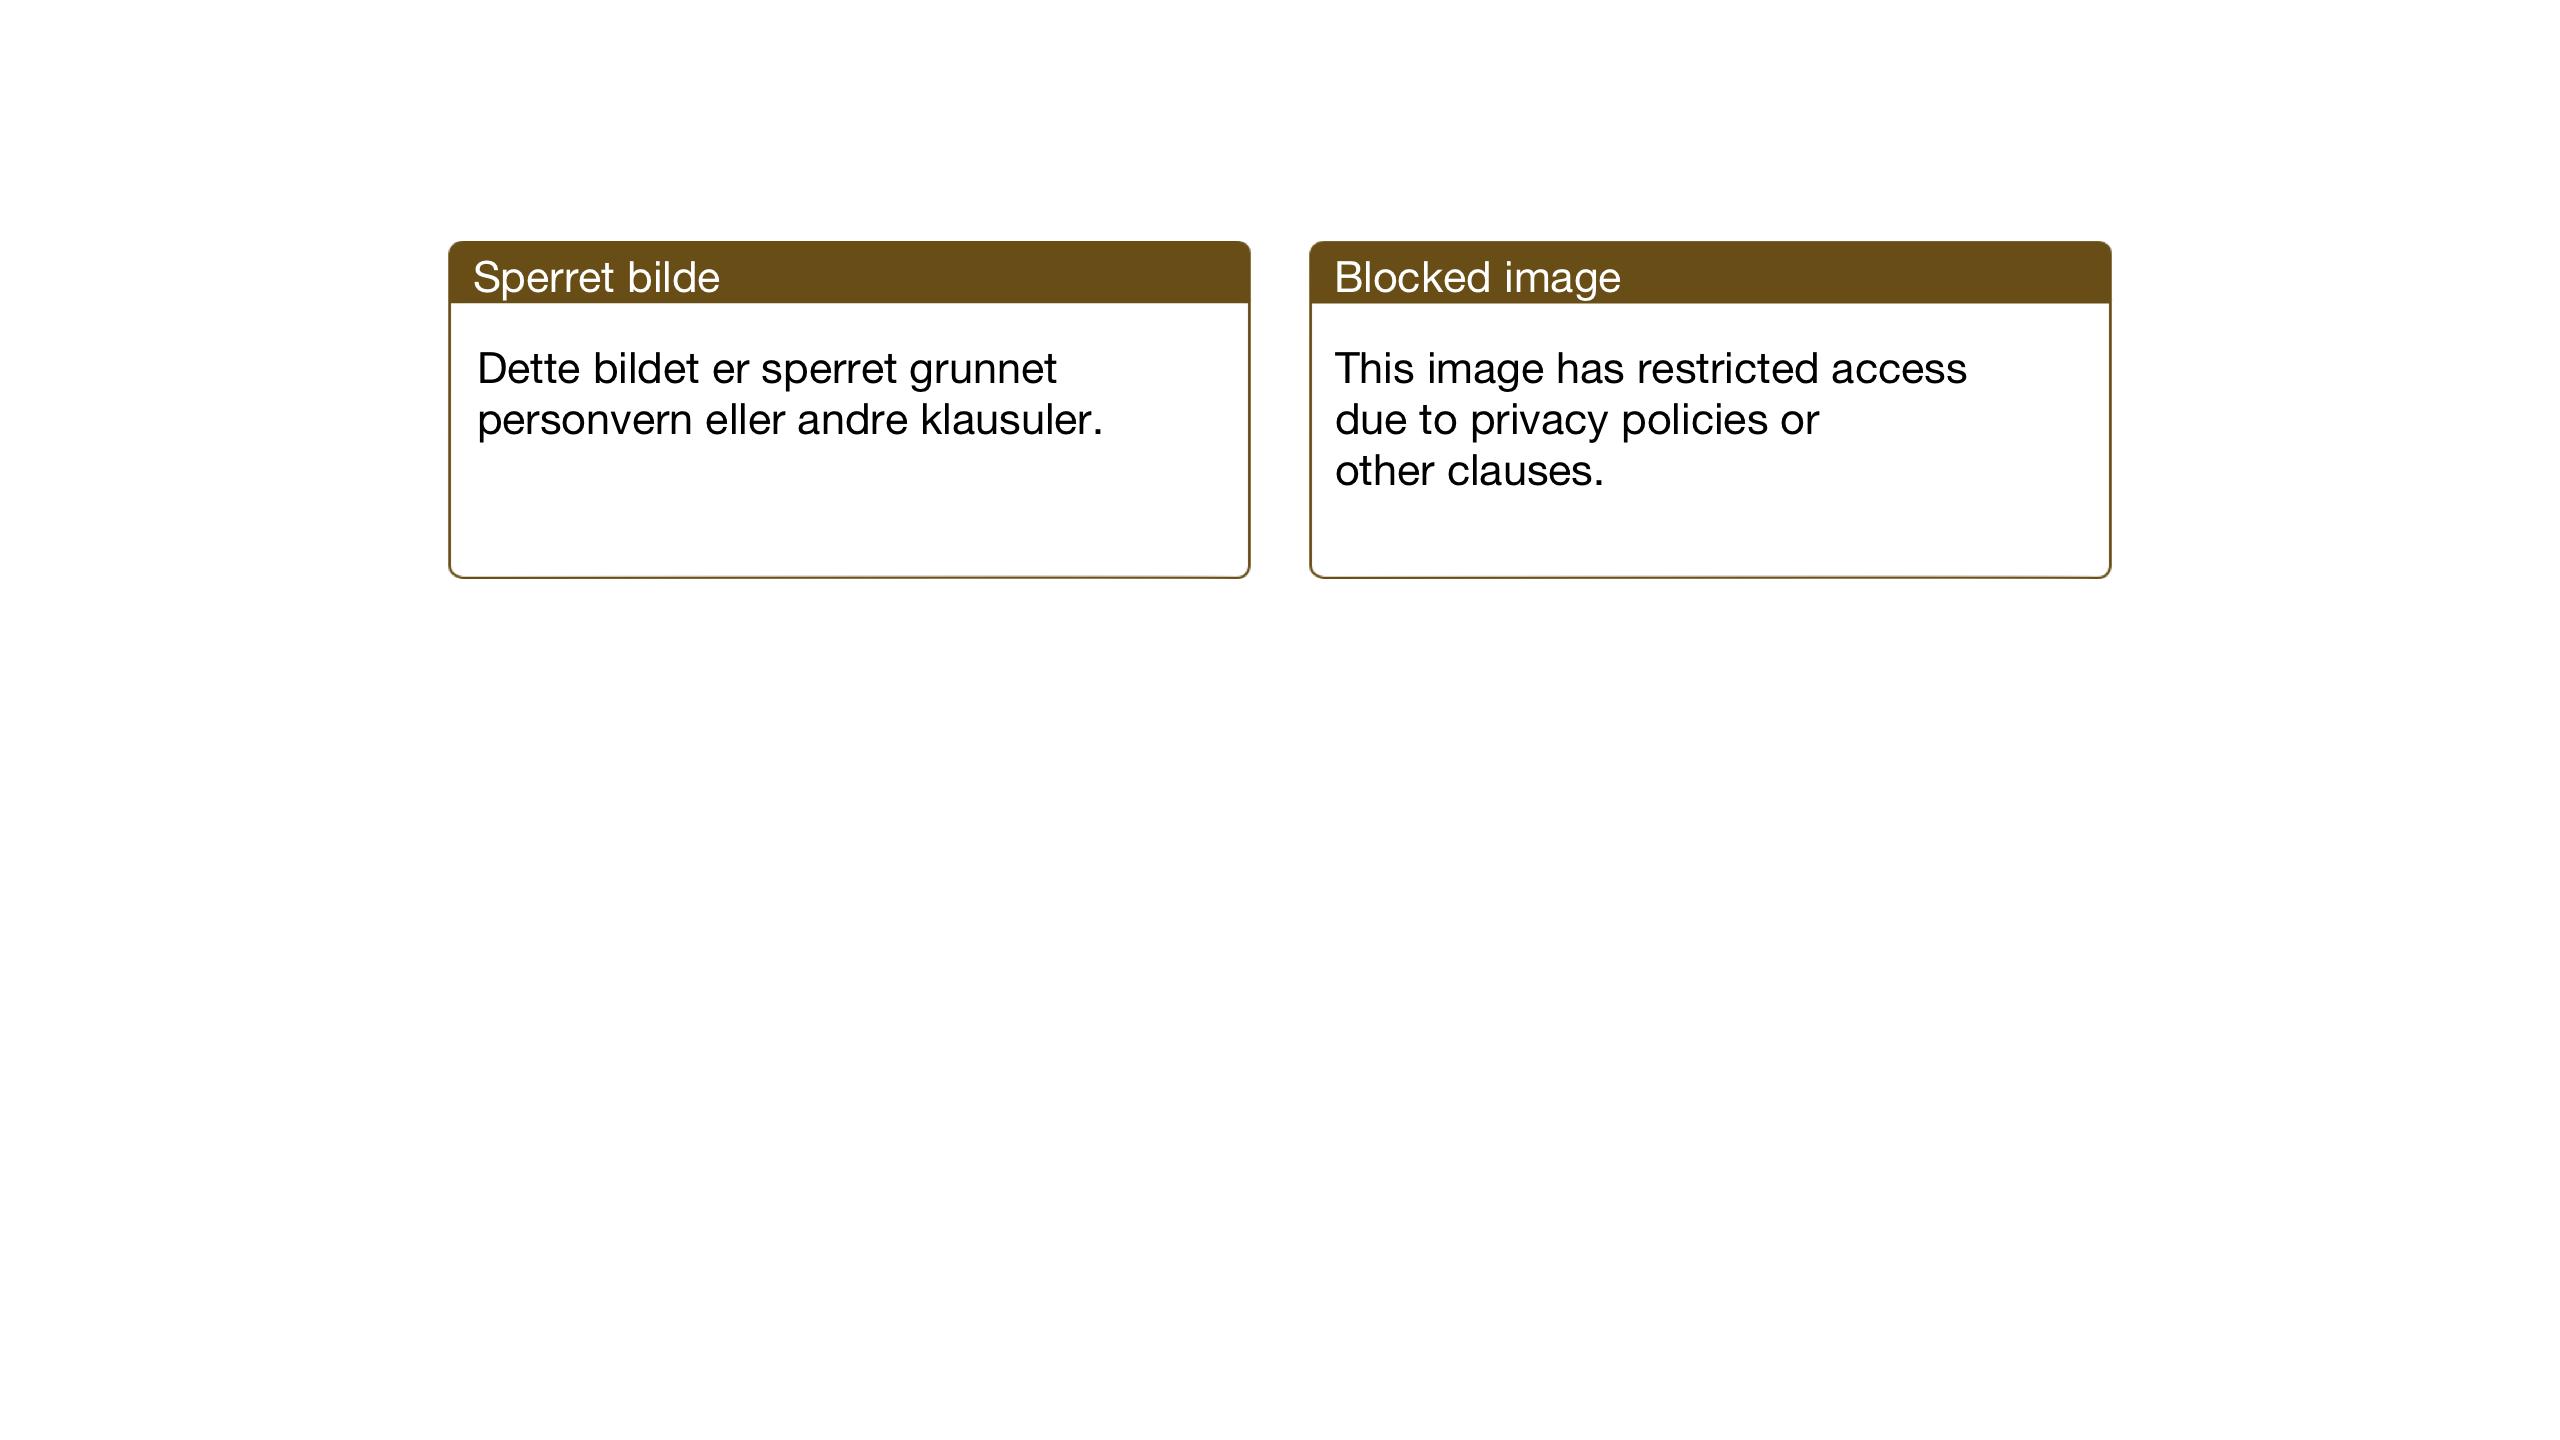 SAT, Ministerialprotokoller, klokkerbøker og fødselsregistre - Nord-Trøndelag, 773/L0625: Klokkerbok nr. 773C01, 1910-1952, s. 237